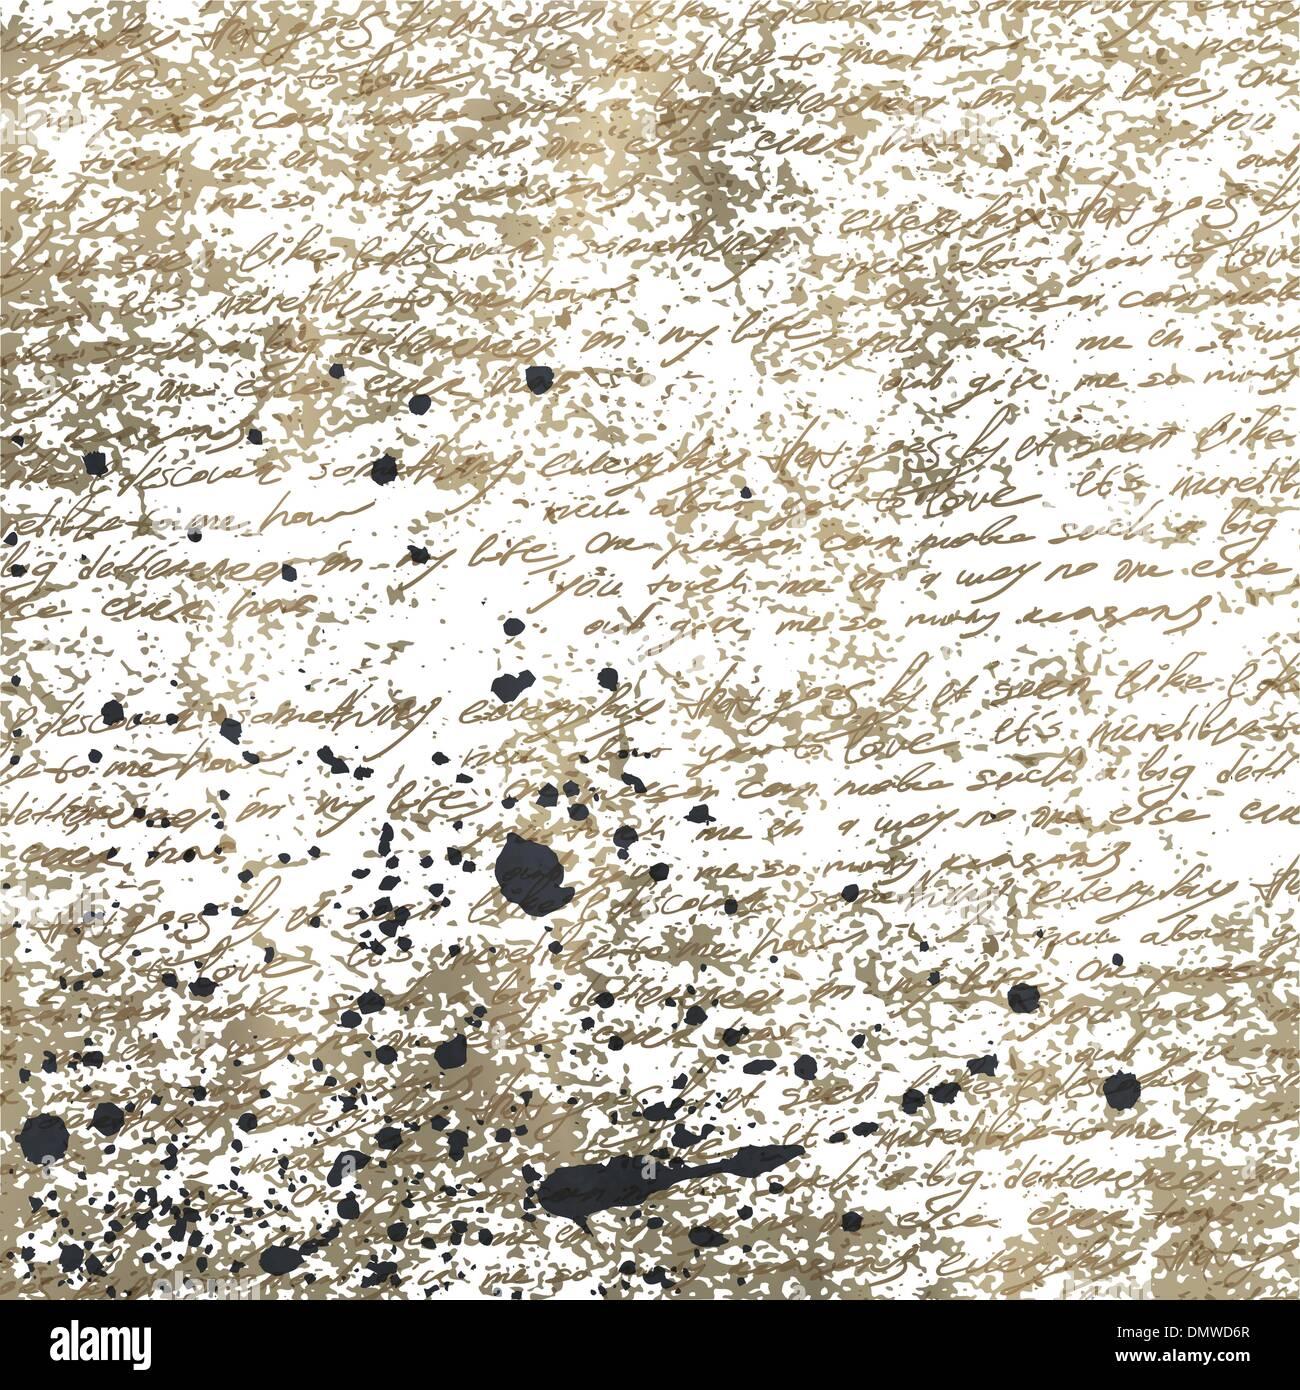 La grafia astratta sul vecchio accartocciata carta vintage con inchiostro splu Immagini Stock